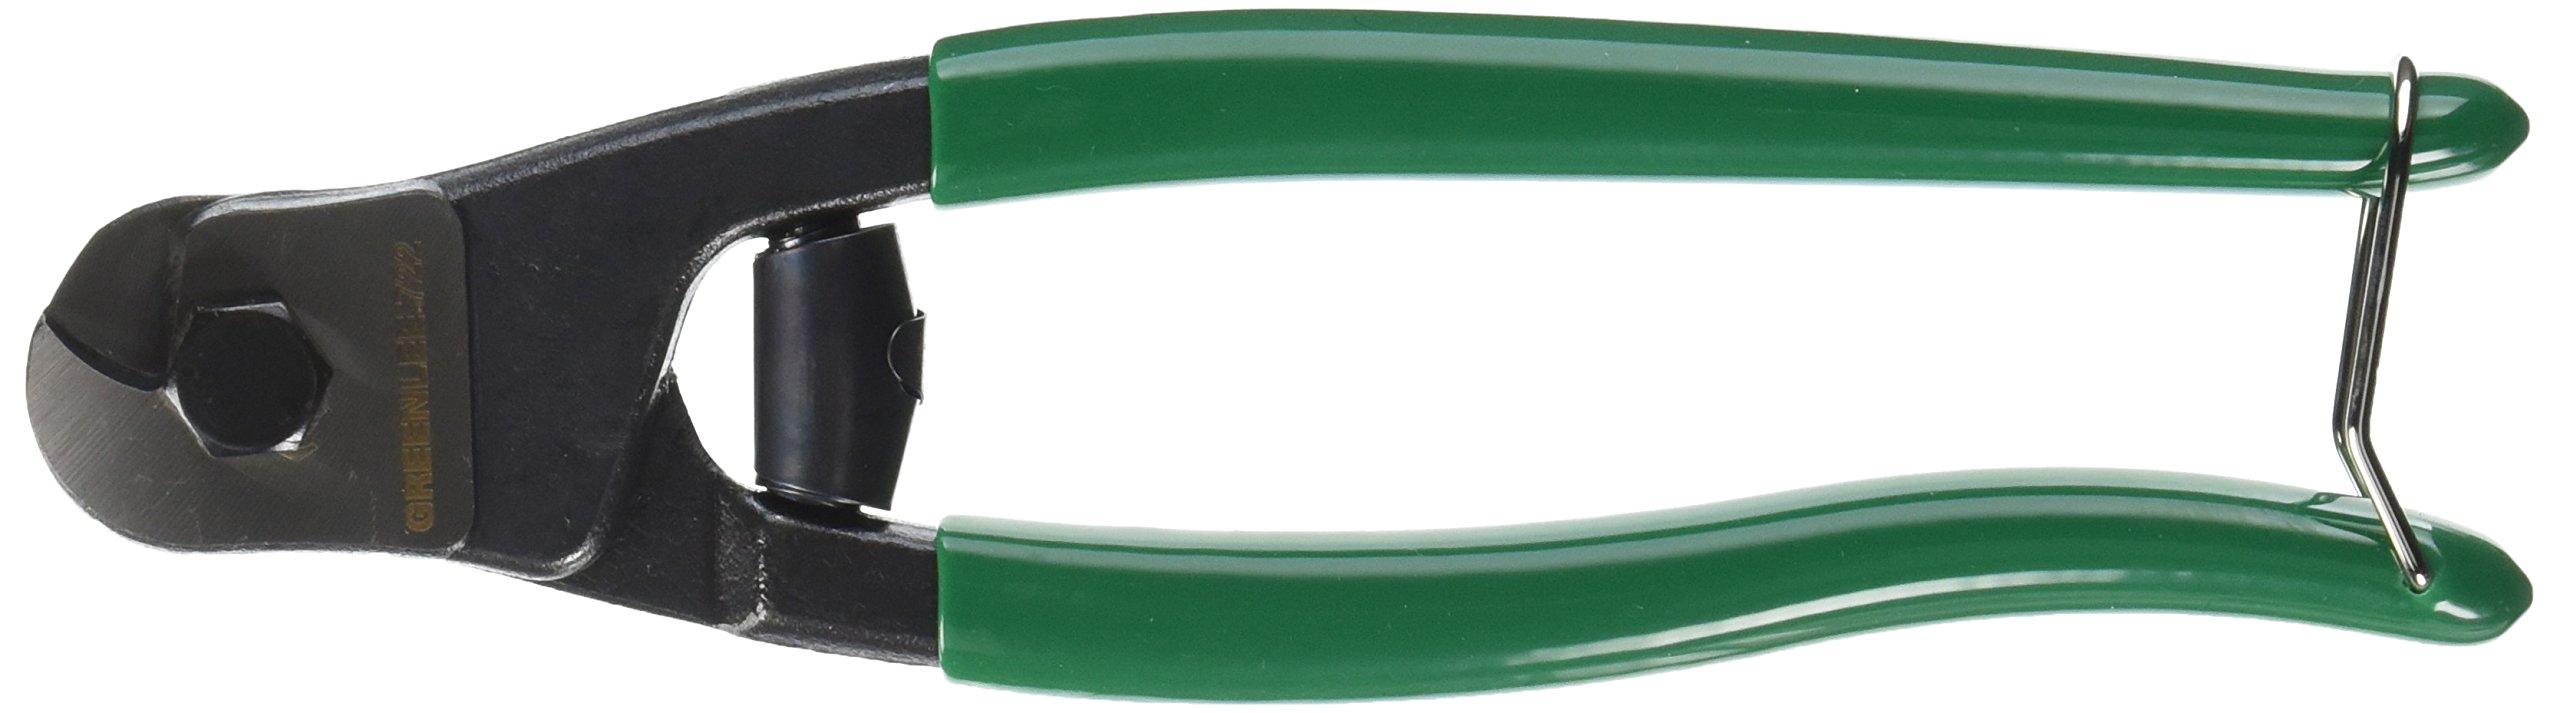 Greenlee 722 Wire Rope & Wire Cutter